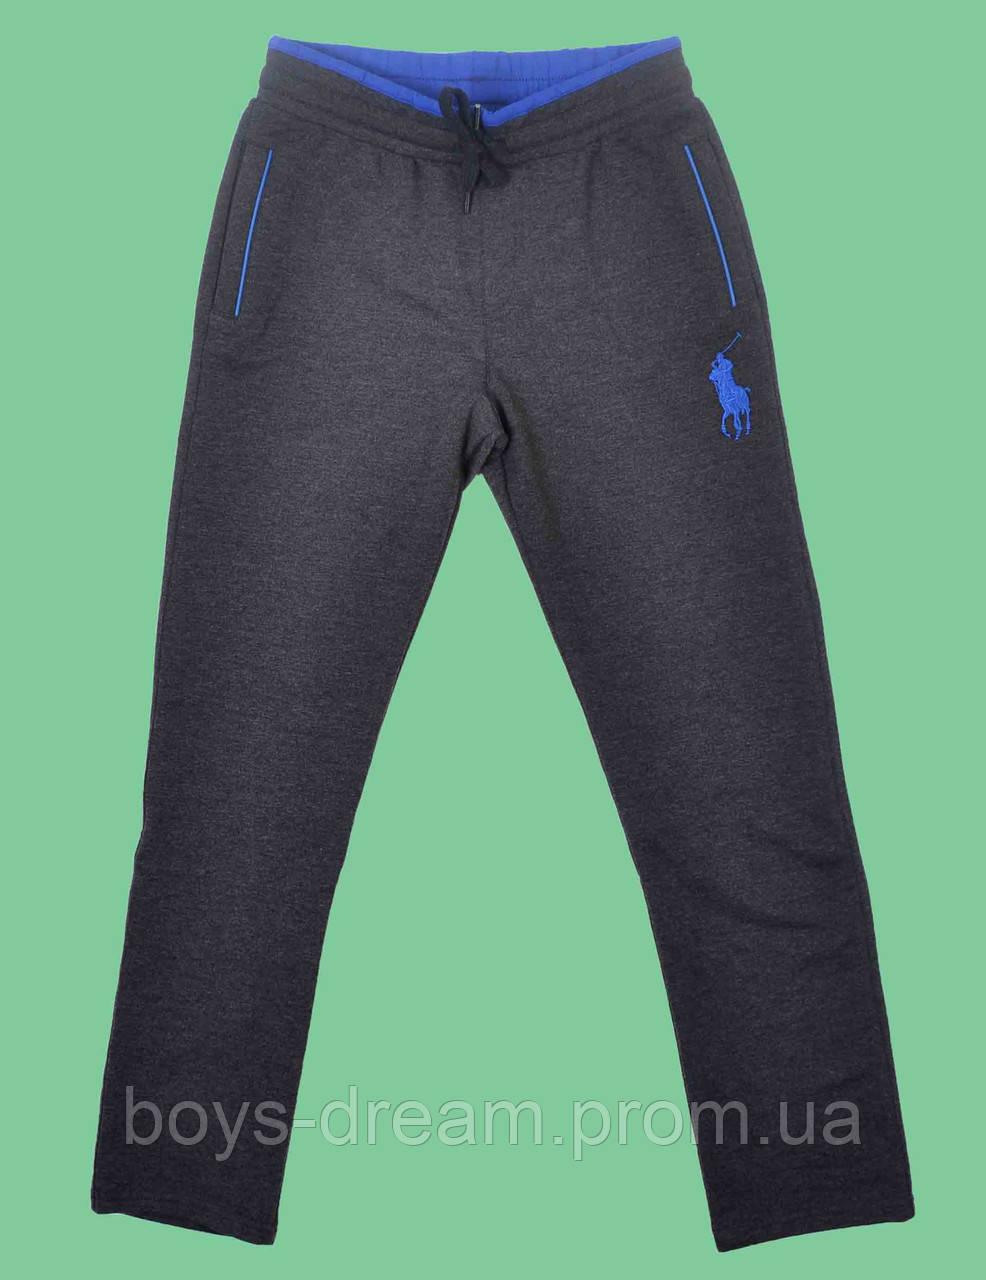 Спортивные штаны для мальчика (158-176) (Турция)